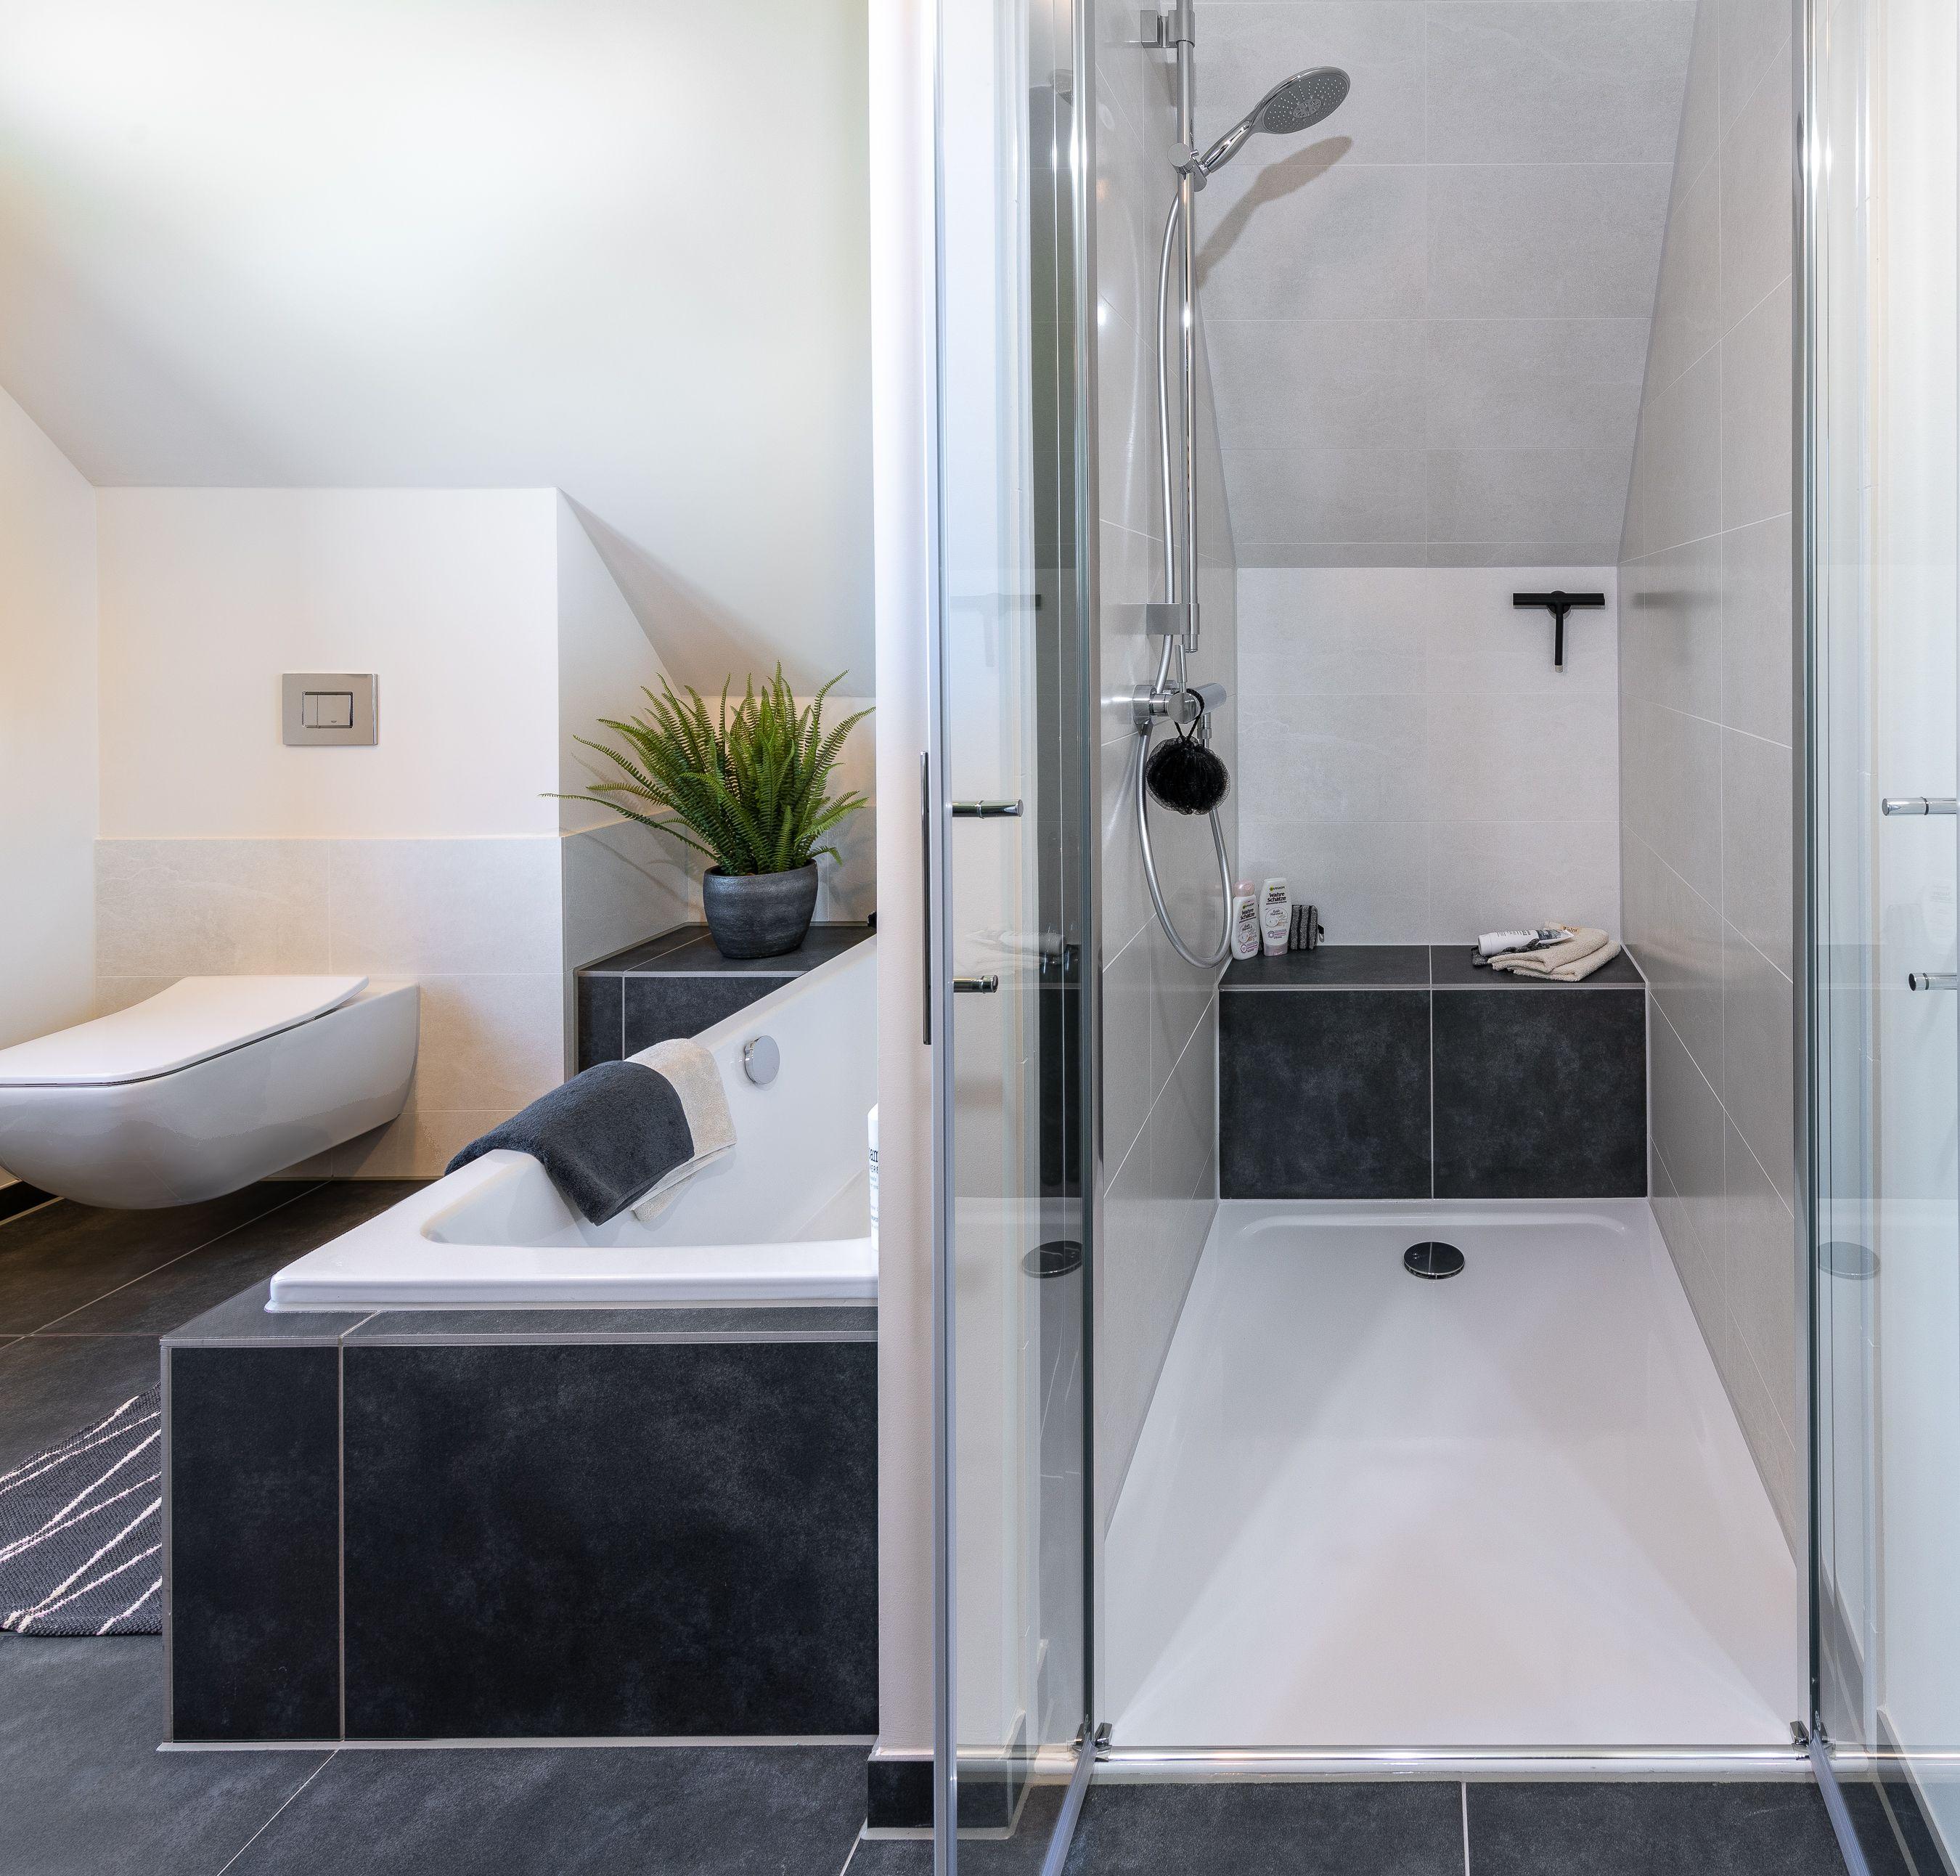 Viebrockhaus Maxime120 Einfamilienhaus Bad Badezimmer Wanne Badewanne Dusche Musterhauspark Badfal Viebrockhaus Badewanne Mit Dusche Badezimmer Klein